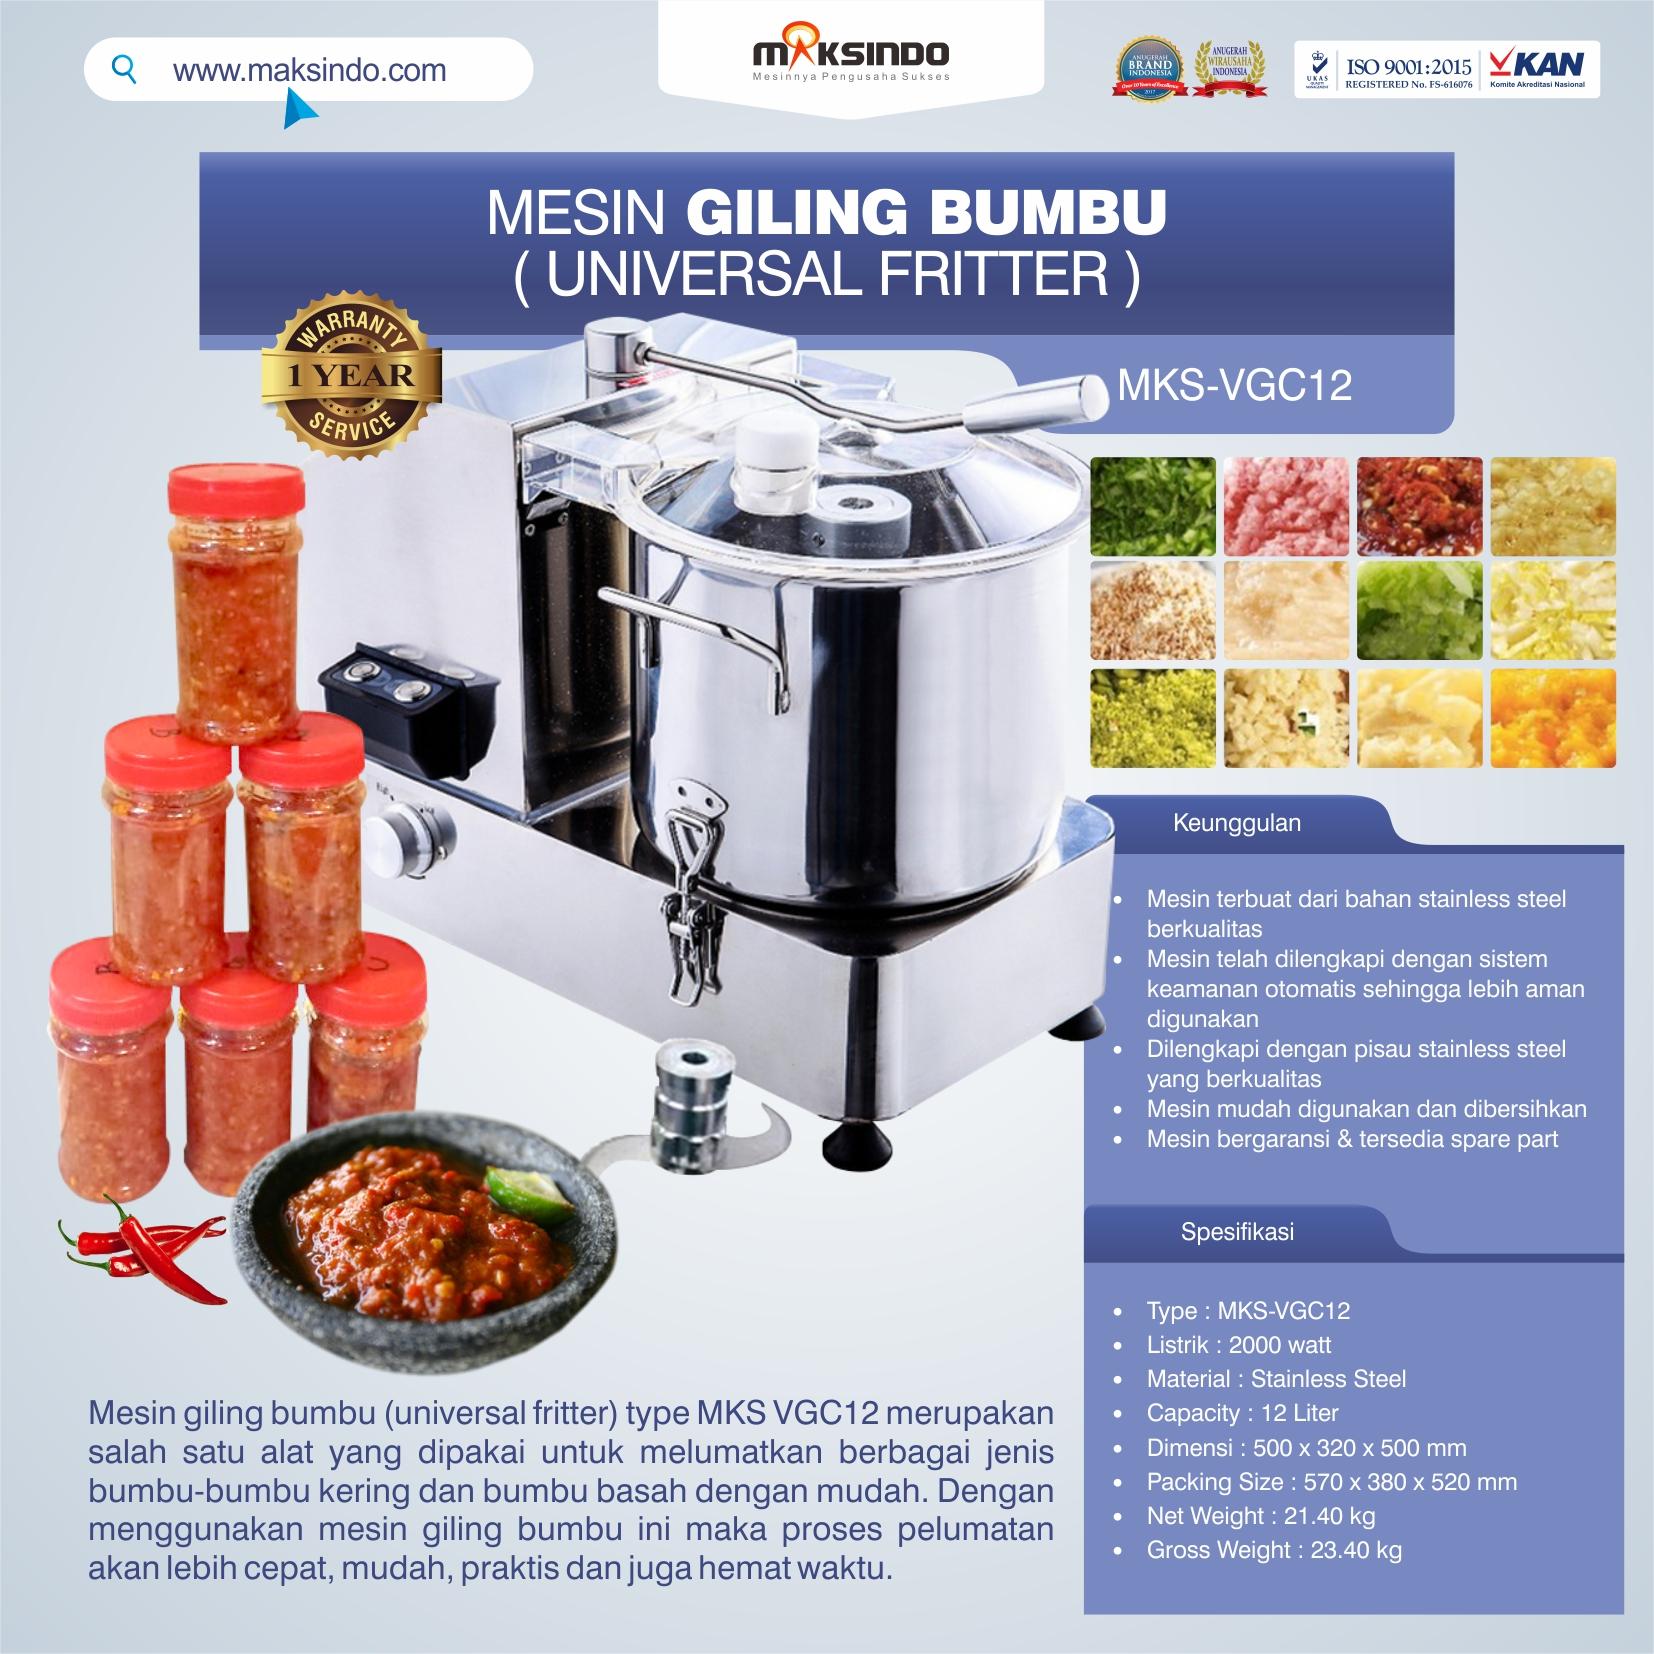 Jual Mesin Giling Bumbu (Universal Fritter) MKS VGC12 di Solo